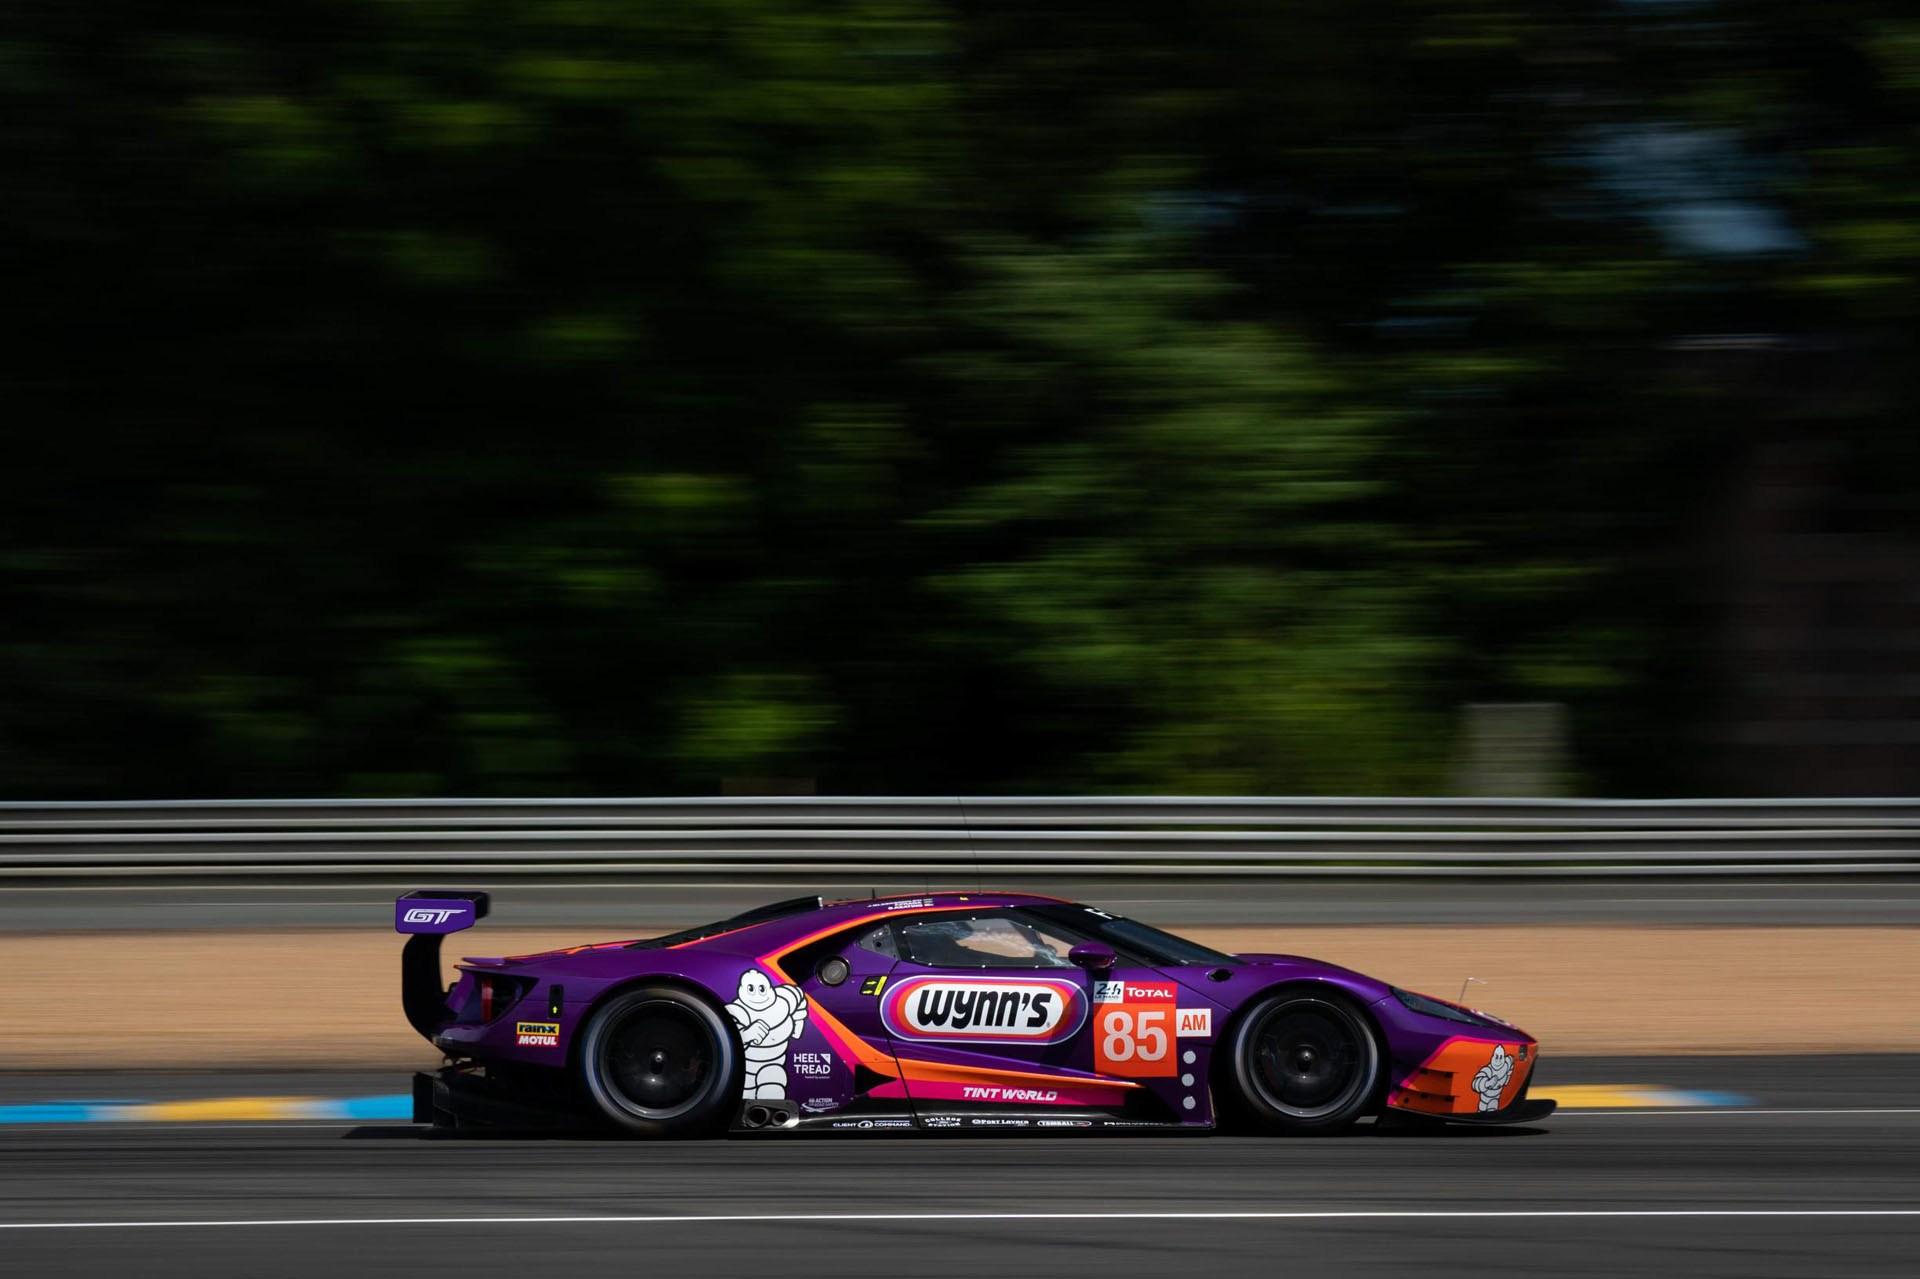 Πέντε Ford GT πανέτοιμα για τη μάχη στο φετινό Le Mans